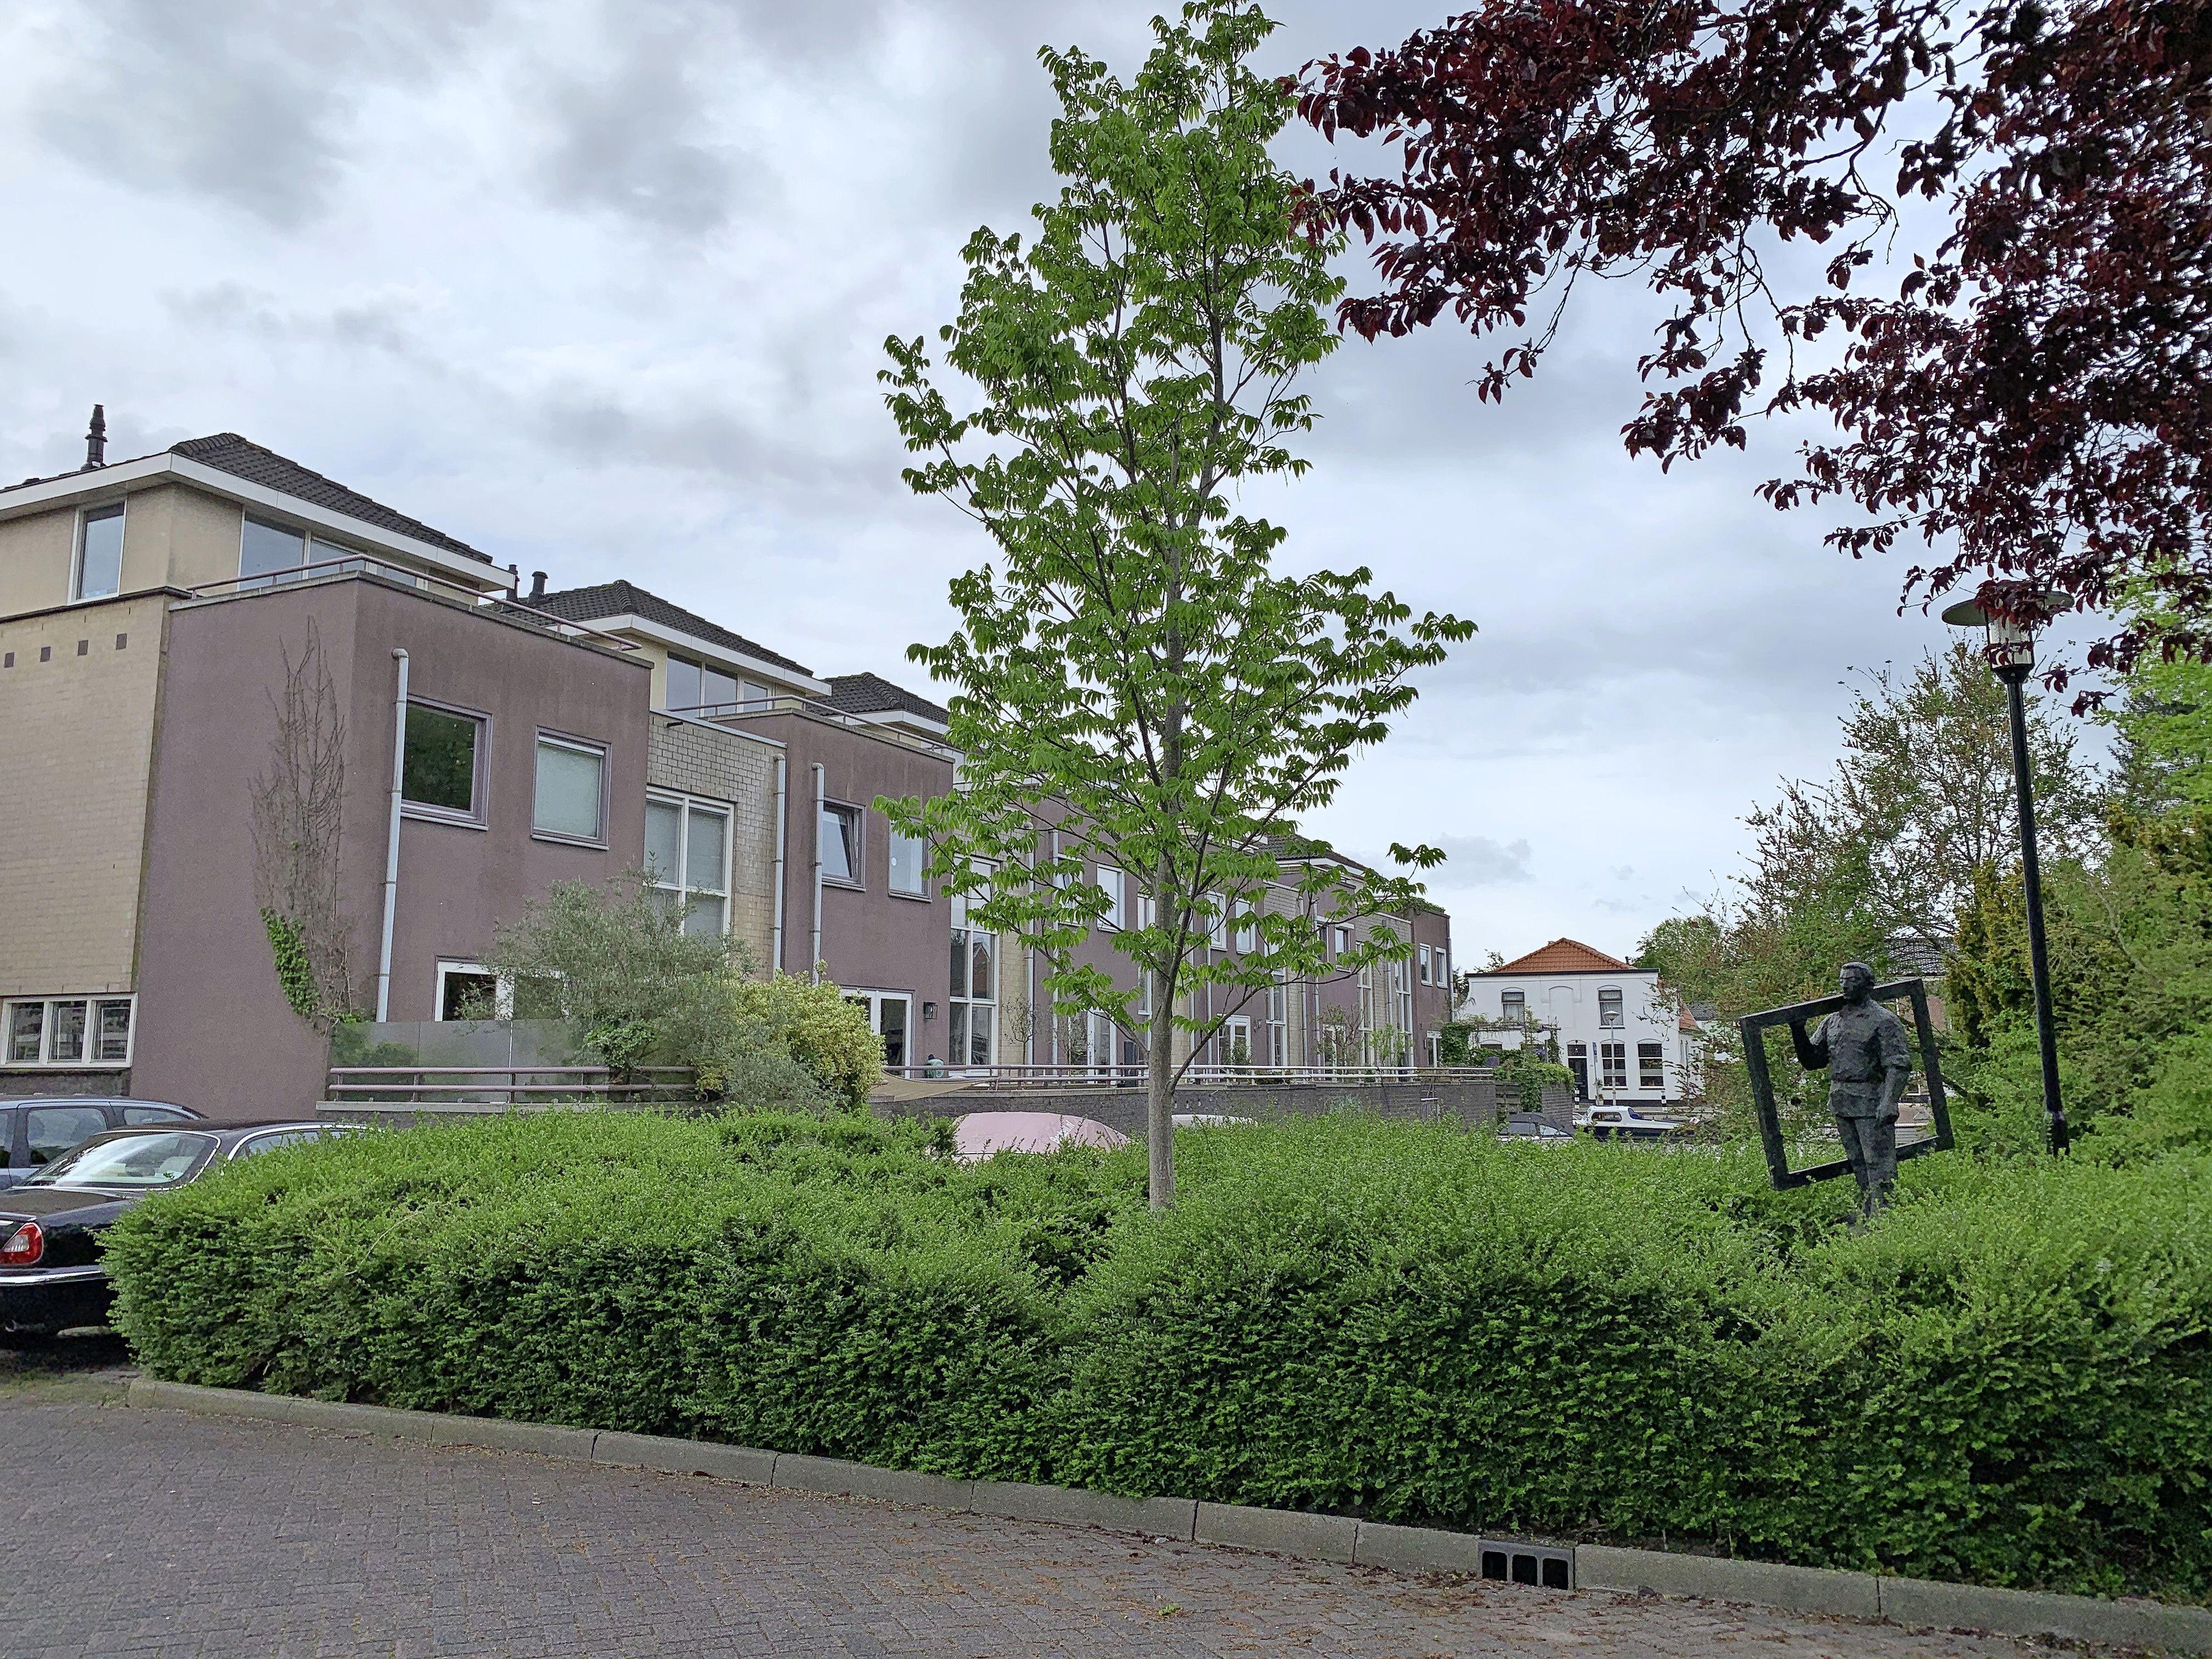 Bewoners laagbouw in Hillegom willen afvalcontainers voor hoogbouw niet voor hun deur